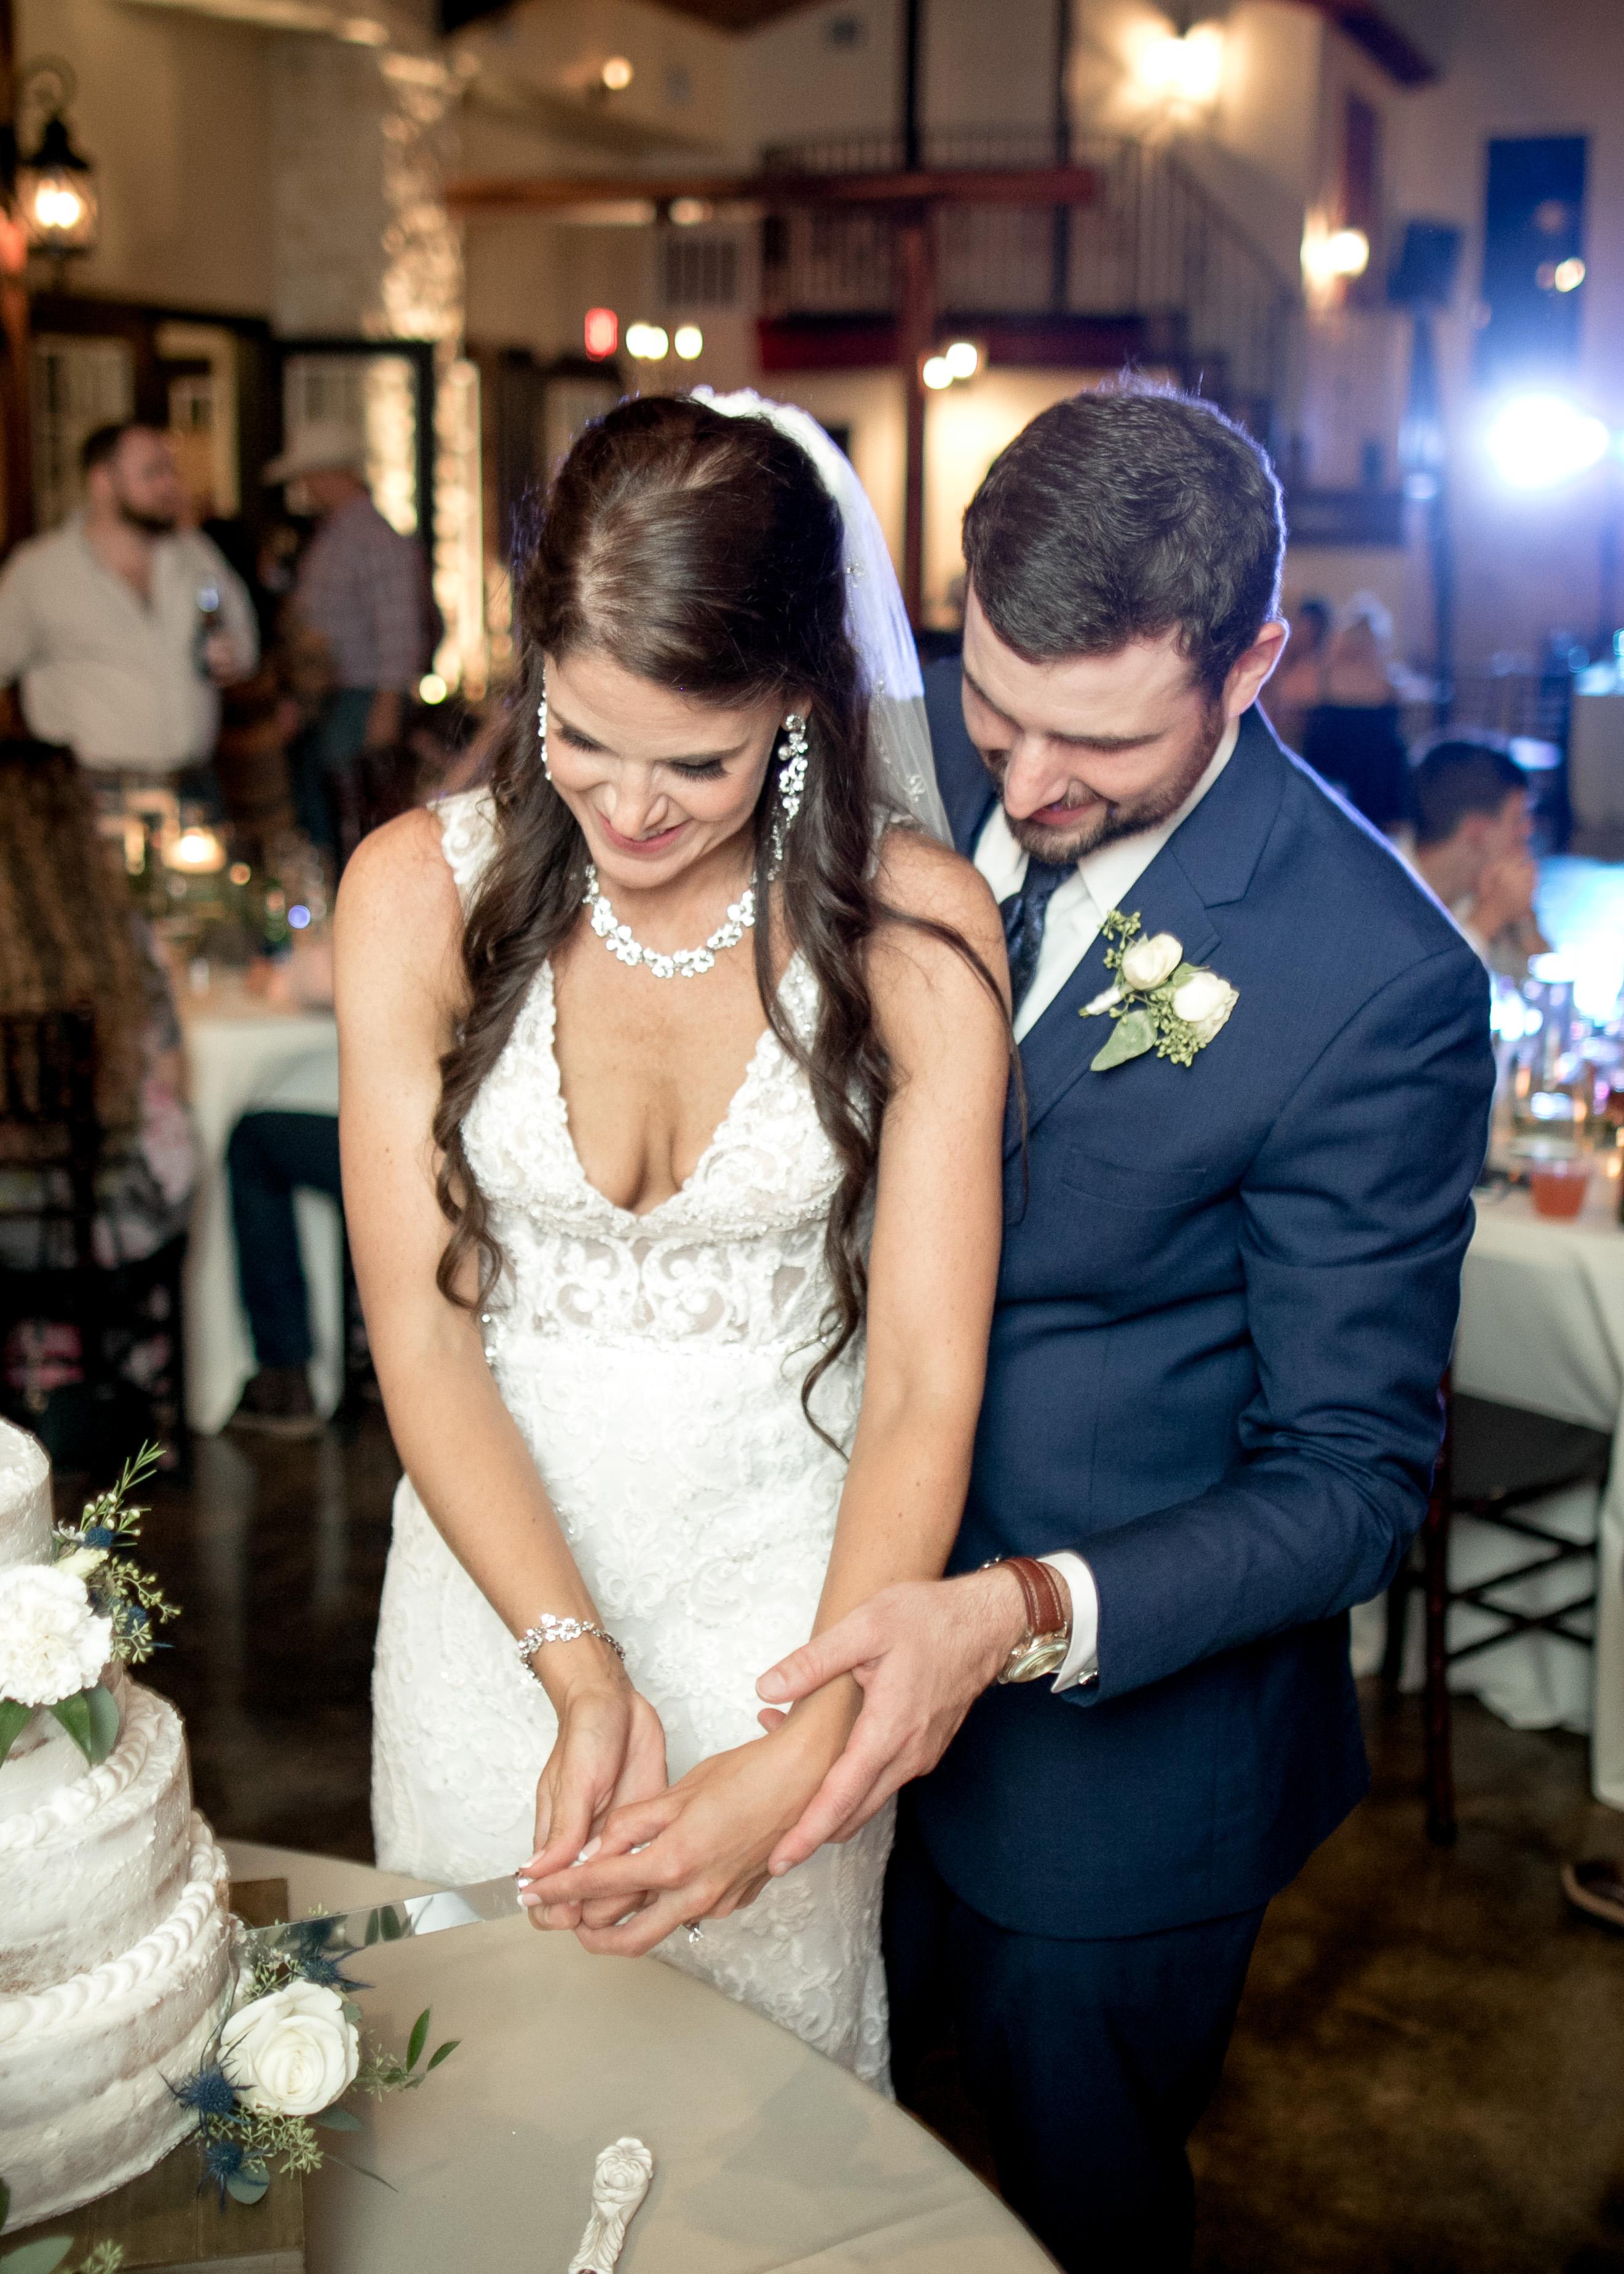 R&C Wedding - Reception-Night Time-136